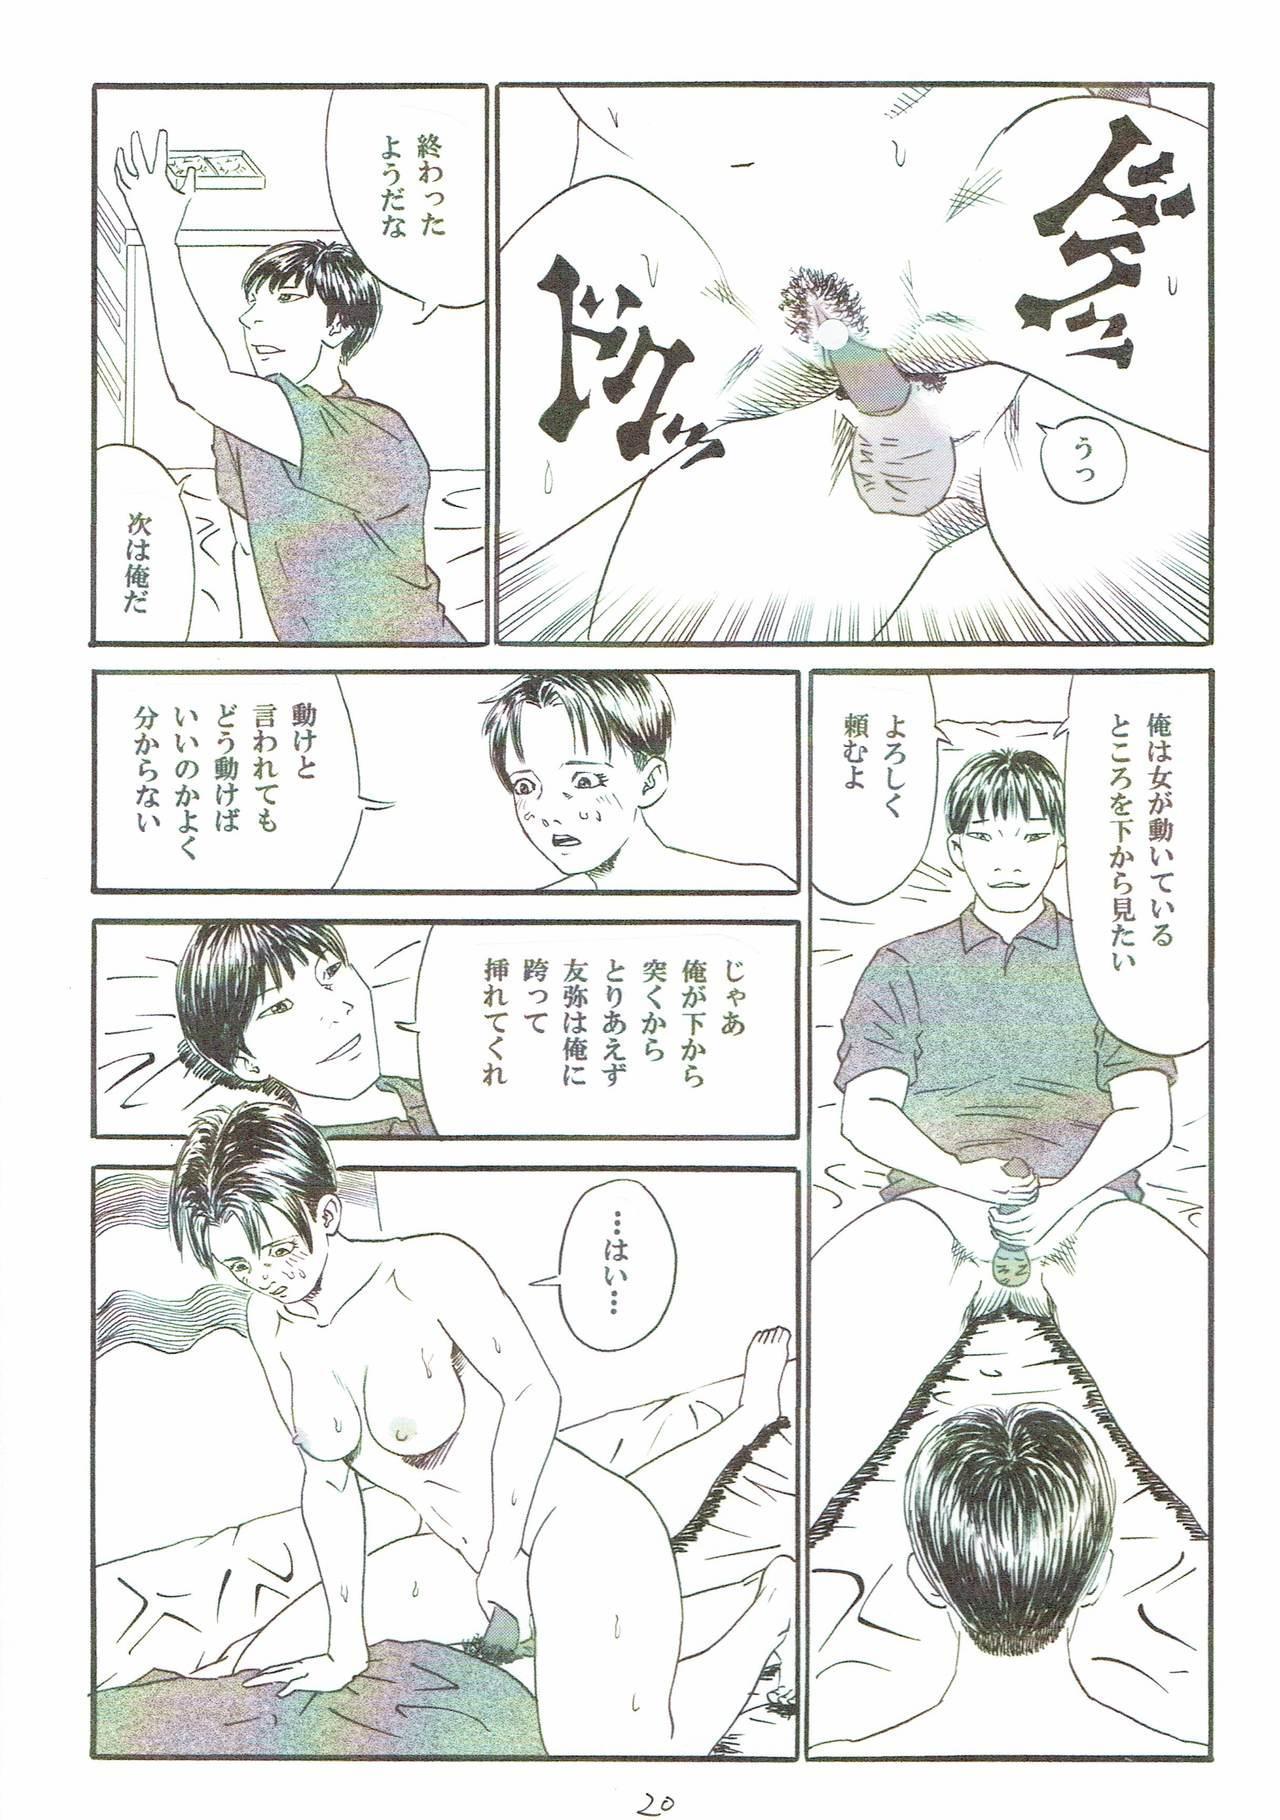 Atarashii Seikyouiku5 20